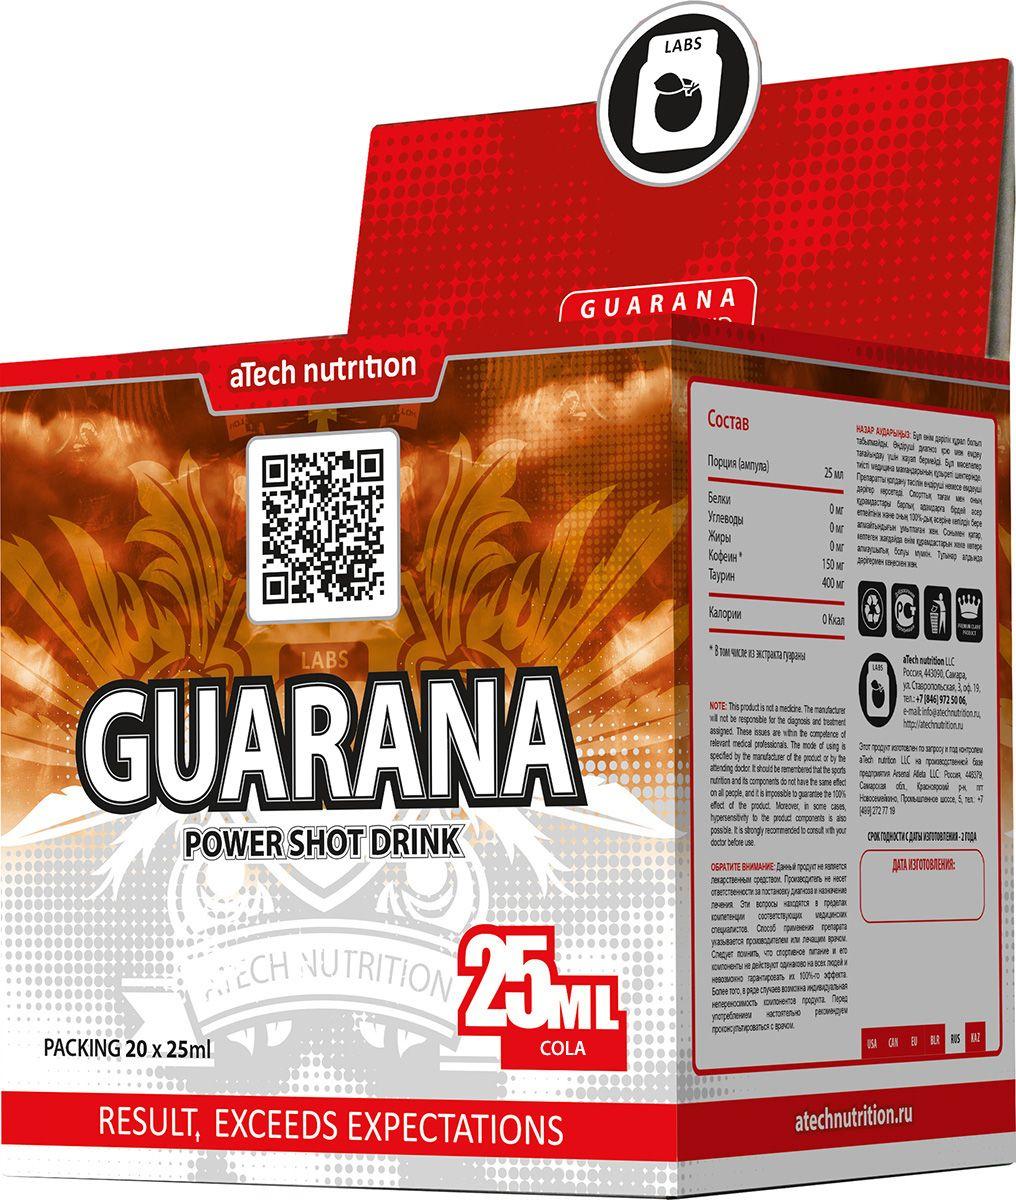 Энергетический напиток aTech Nutrition Guarana Power Shot Drink, кола, 25 мл, 20 шт14630019671149Мощный энергетический комплекс «Short drink» от aTech Nutrition в удобной упаковке по 25мл. Одна ампула содержит 150мг Кофеина, в том числе из Гуараны бразильской . Guarana Power shot drink от aTech nutrition в жидкой форме, на основе Гуараны Бразильской и Таурина позволит Вам тренироваться с полной отдачей! В ее состав входит экстракт Гуараны Бразильской – натуральный источник связанного кофеина. В отличии от синтетического кофеина, натуральный кофеин усваивается плавно и не вызывает резкого подъема давления, перевозбуждения, усиленного сердцебиения. Так же в плодах Гуараны Бразильской, в отличие от синтетической, содержатся дубильные вещества, сапонины, амид, цинк, натрий, марганец, магний, теобромин, теофиллин, витамины PP, E, B1, B2, A. Входящий в состав продукта Таурин усиливает действие Гуараны, а так же способствует улучшению кровообращения и метаболизму сердца, благотворно влияет на сосуды, костную ткань, улучшает память, зрение, укрепляет иммунитет. Принимая Guarana от...